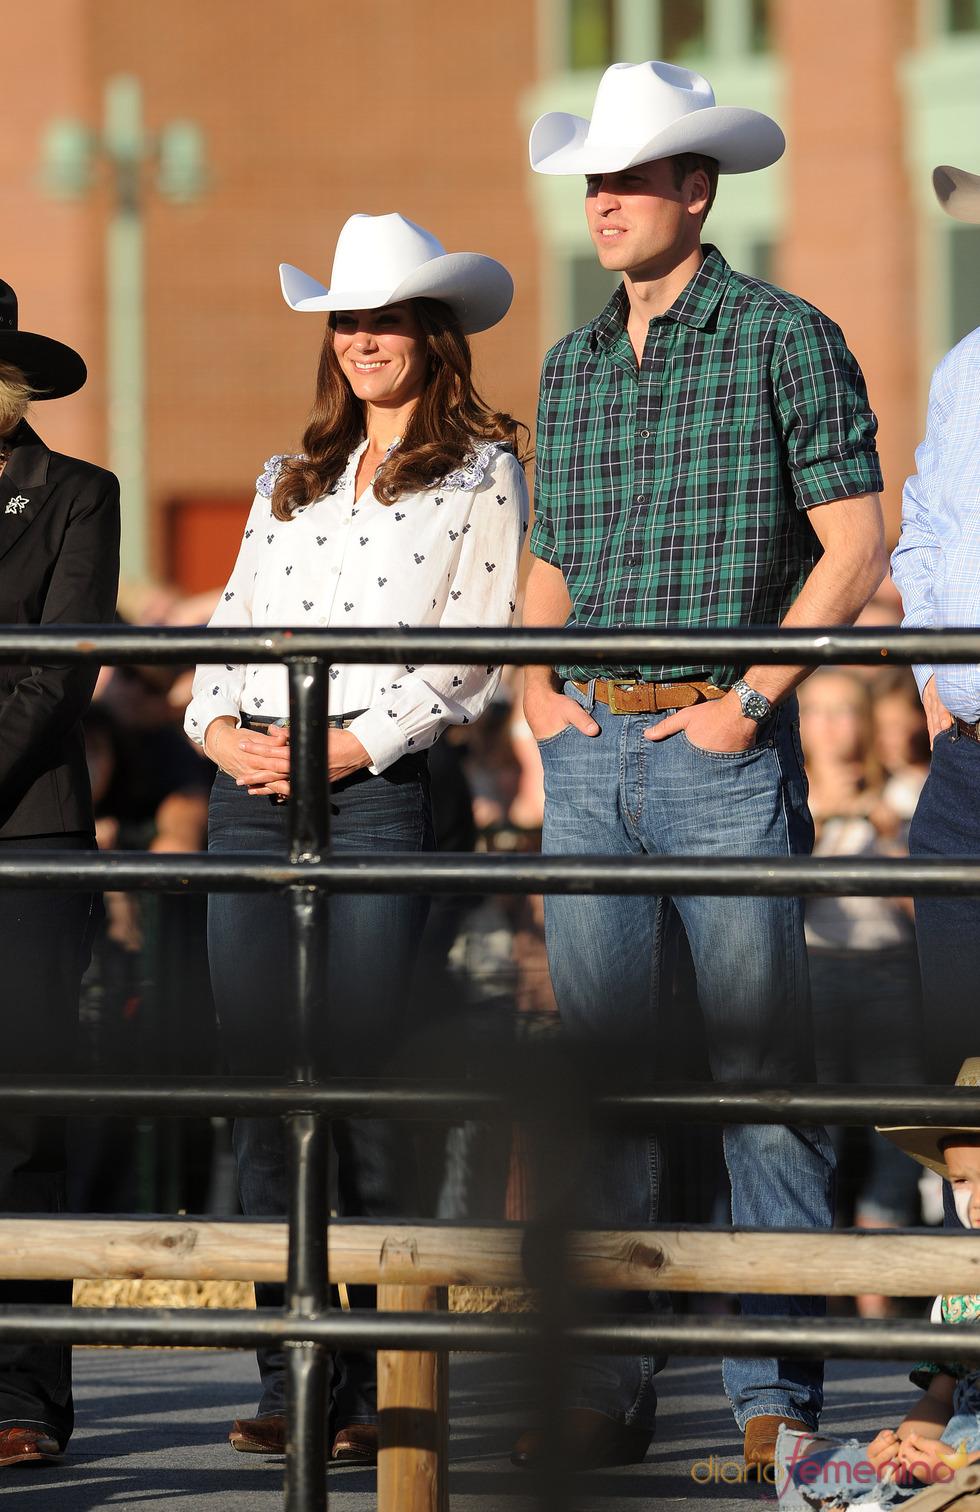 Guillermo de Inglaterra y Kate Middleton asisten a un rodeo en Canadá